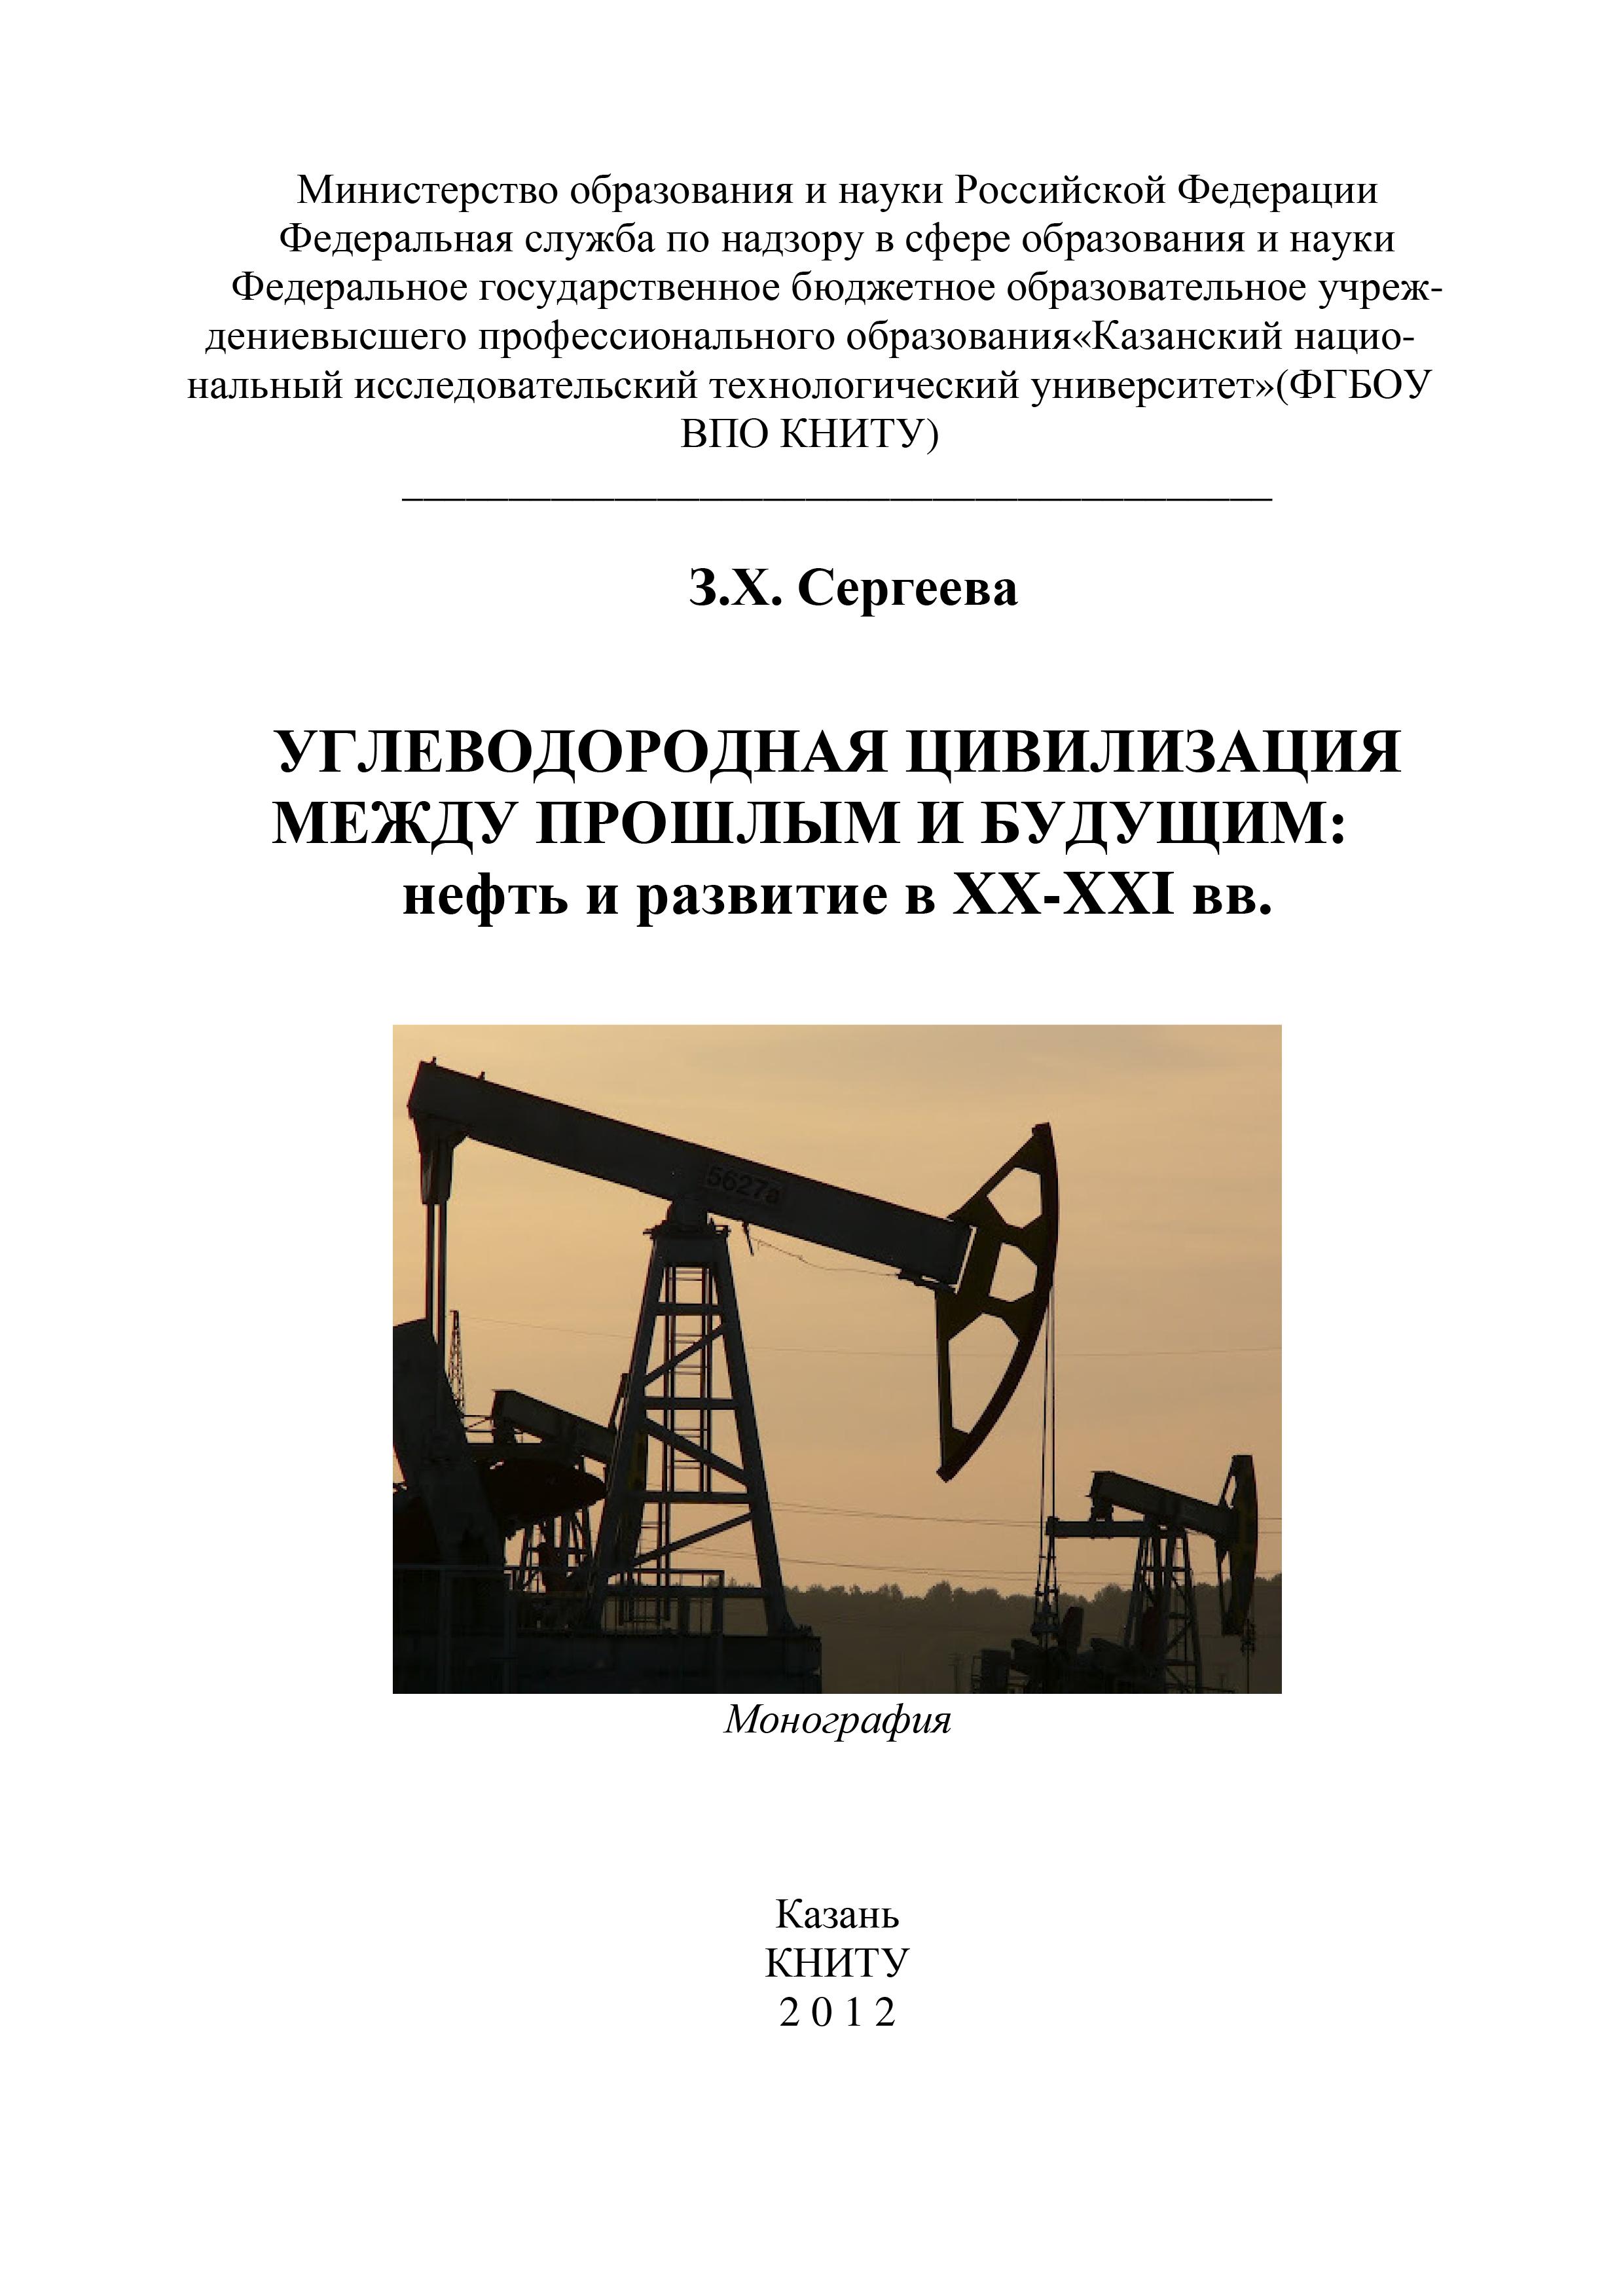 З. Х. Сергеева Углеводородная цвлзаця между будущм: нефть развте в XX-XXI вв.